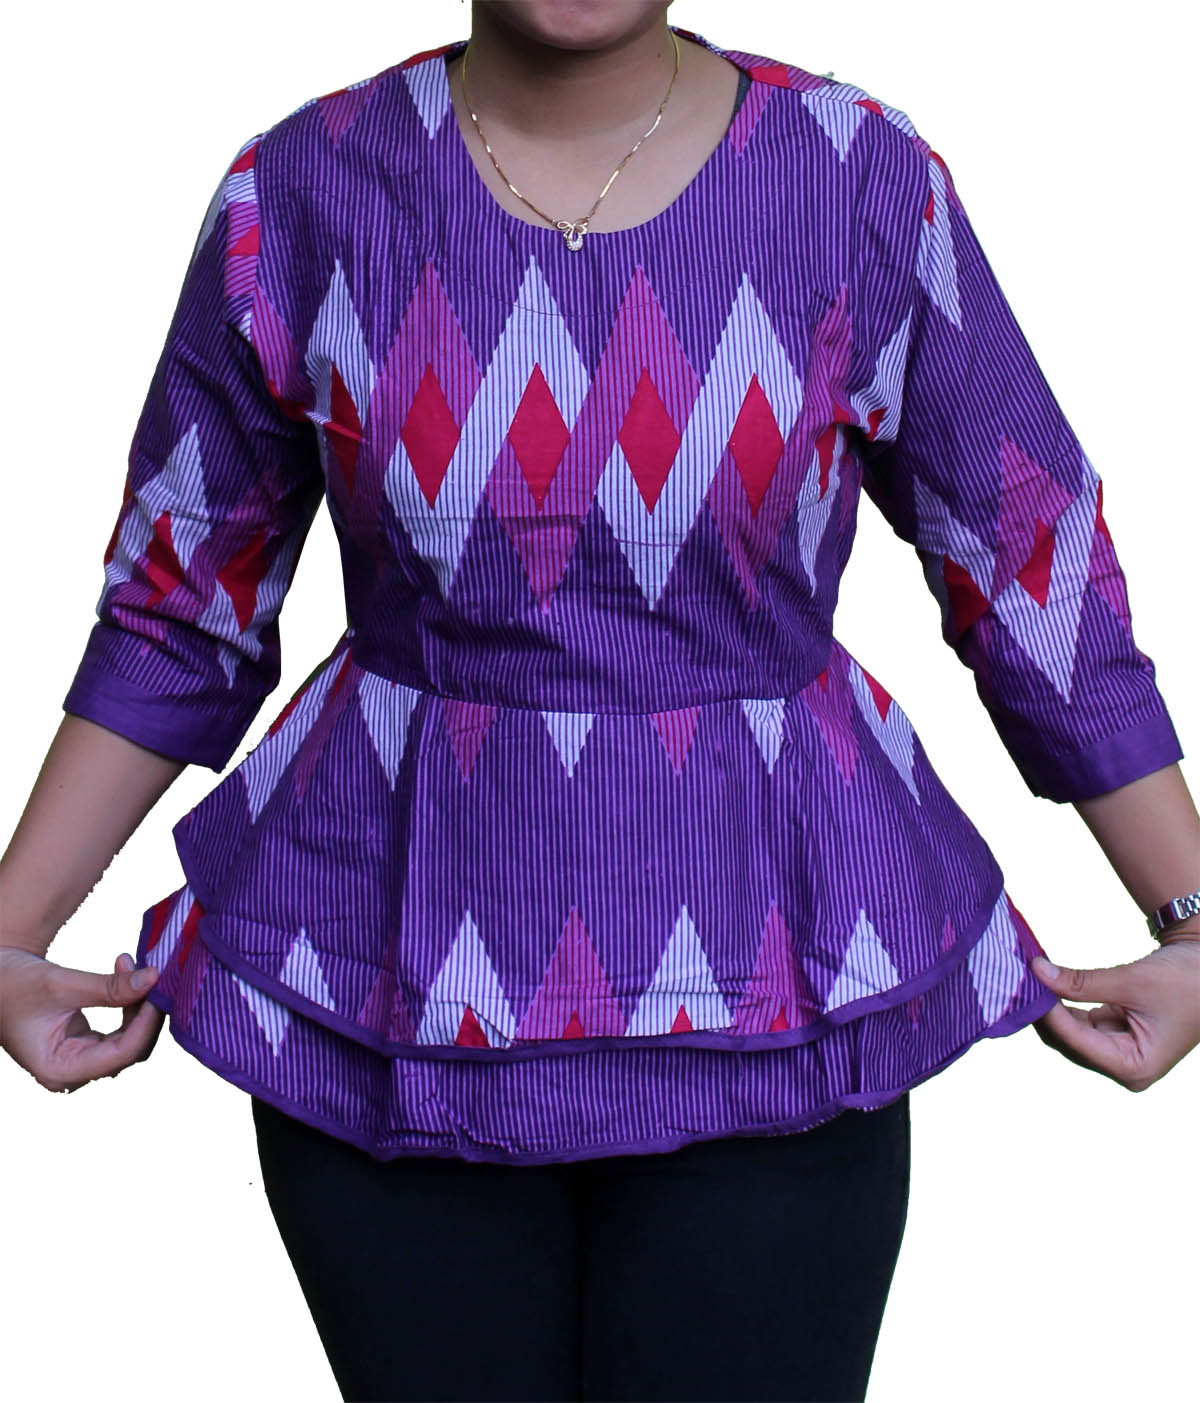 Model Baju Batik Kerja Untuk Tubuh Gemuk: 10 Model Baju Batik Rangrang Untuk Orang Gemuk Terbaru 2016